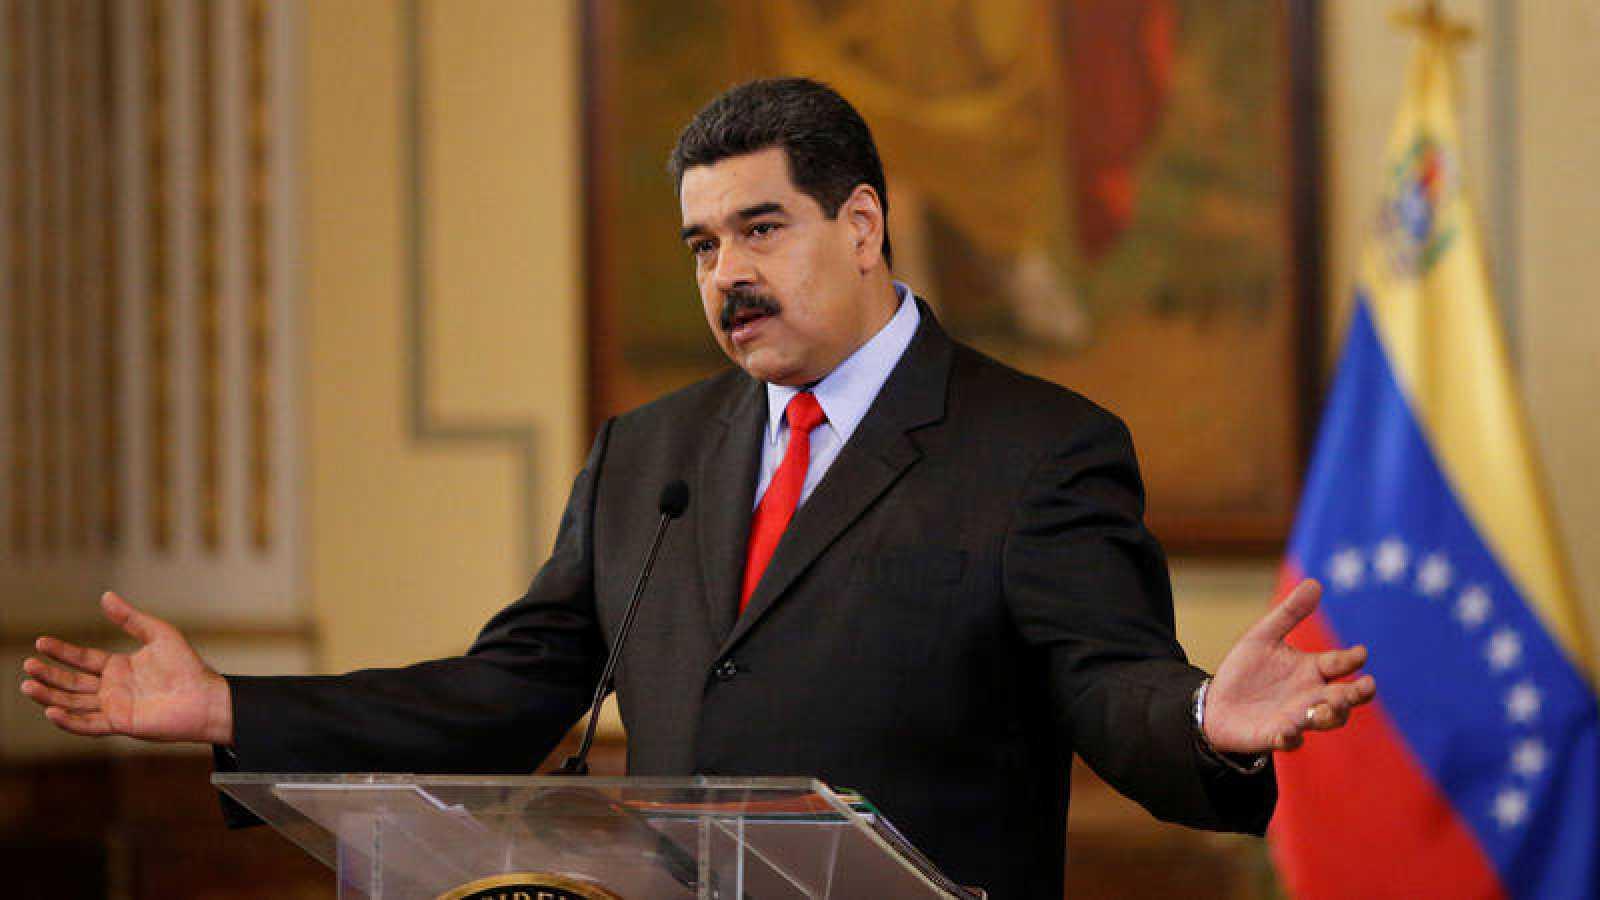 El presidente venezolano, Nicolás Maduro, fotografiado en Caracas